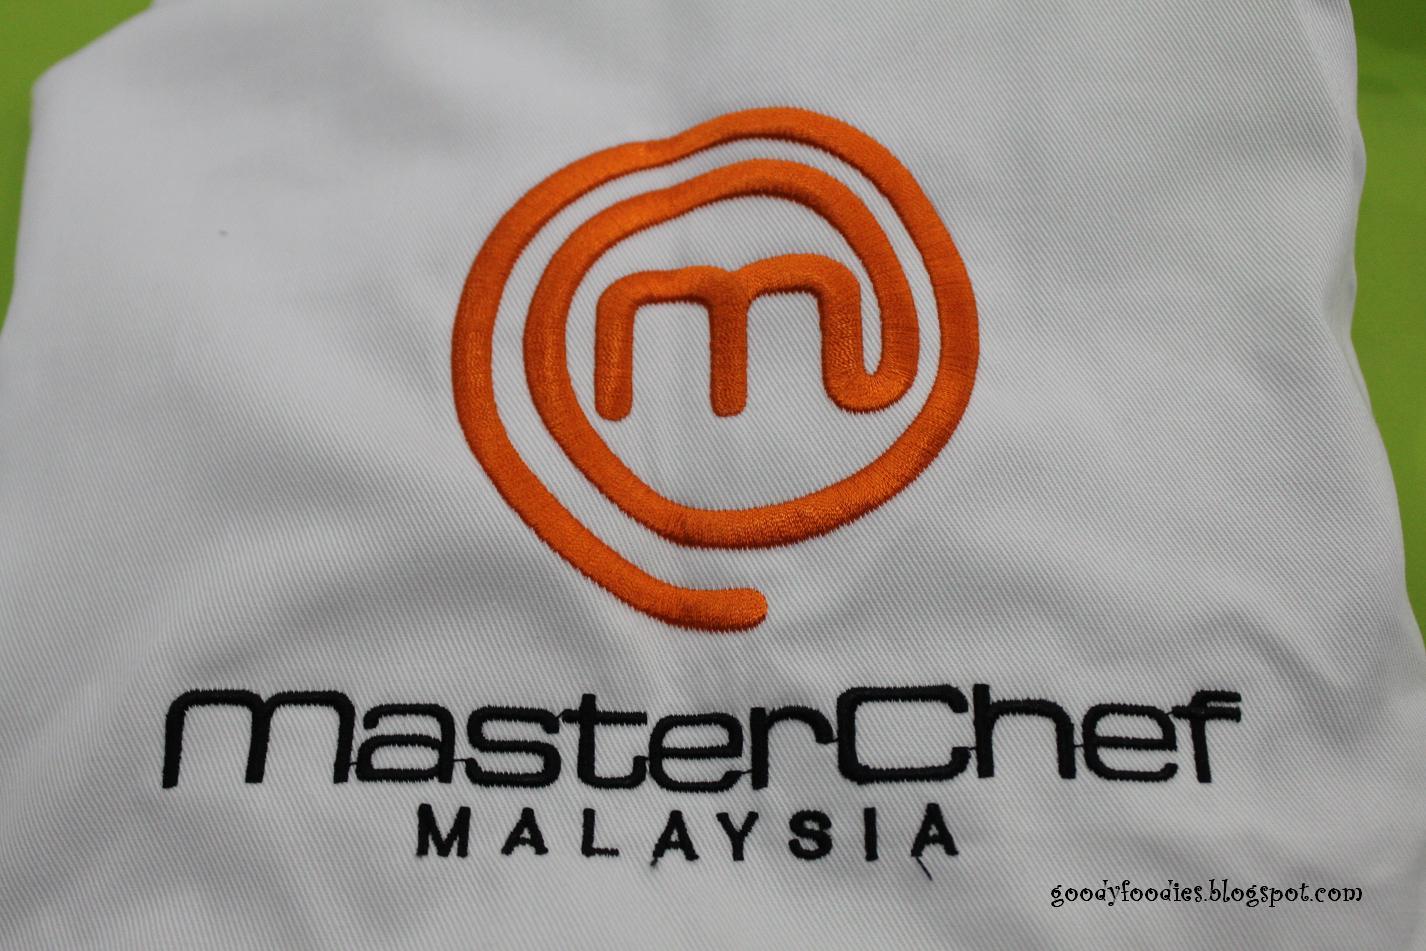 White apron malaysia - Each Of Us Got A Masterchef Malaysia Apron To Put On